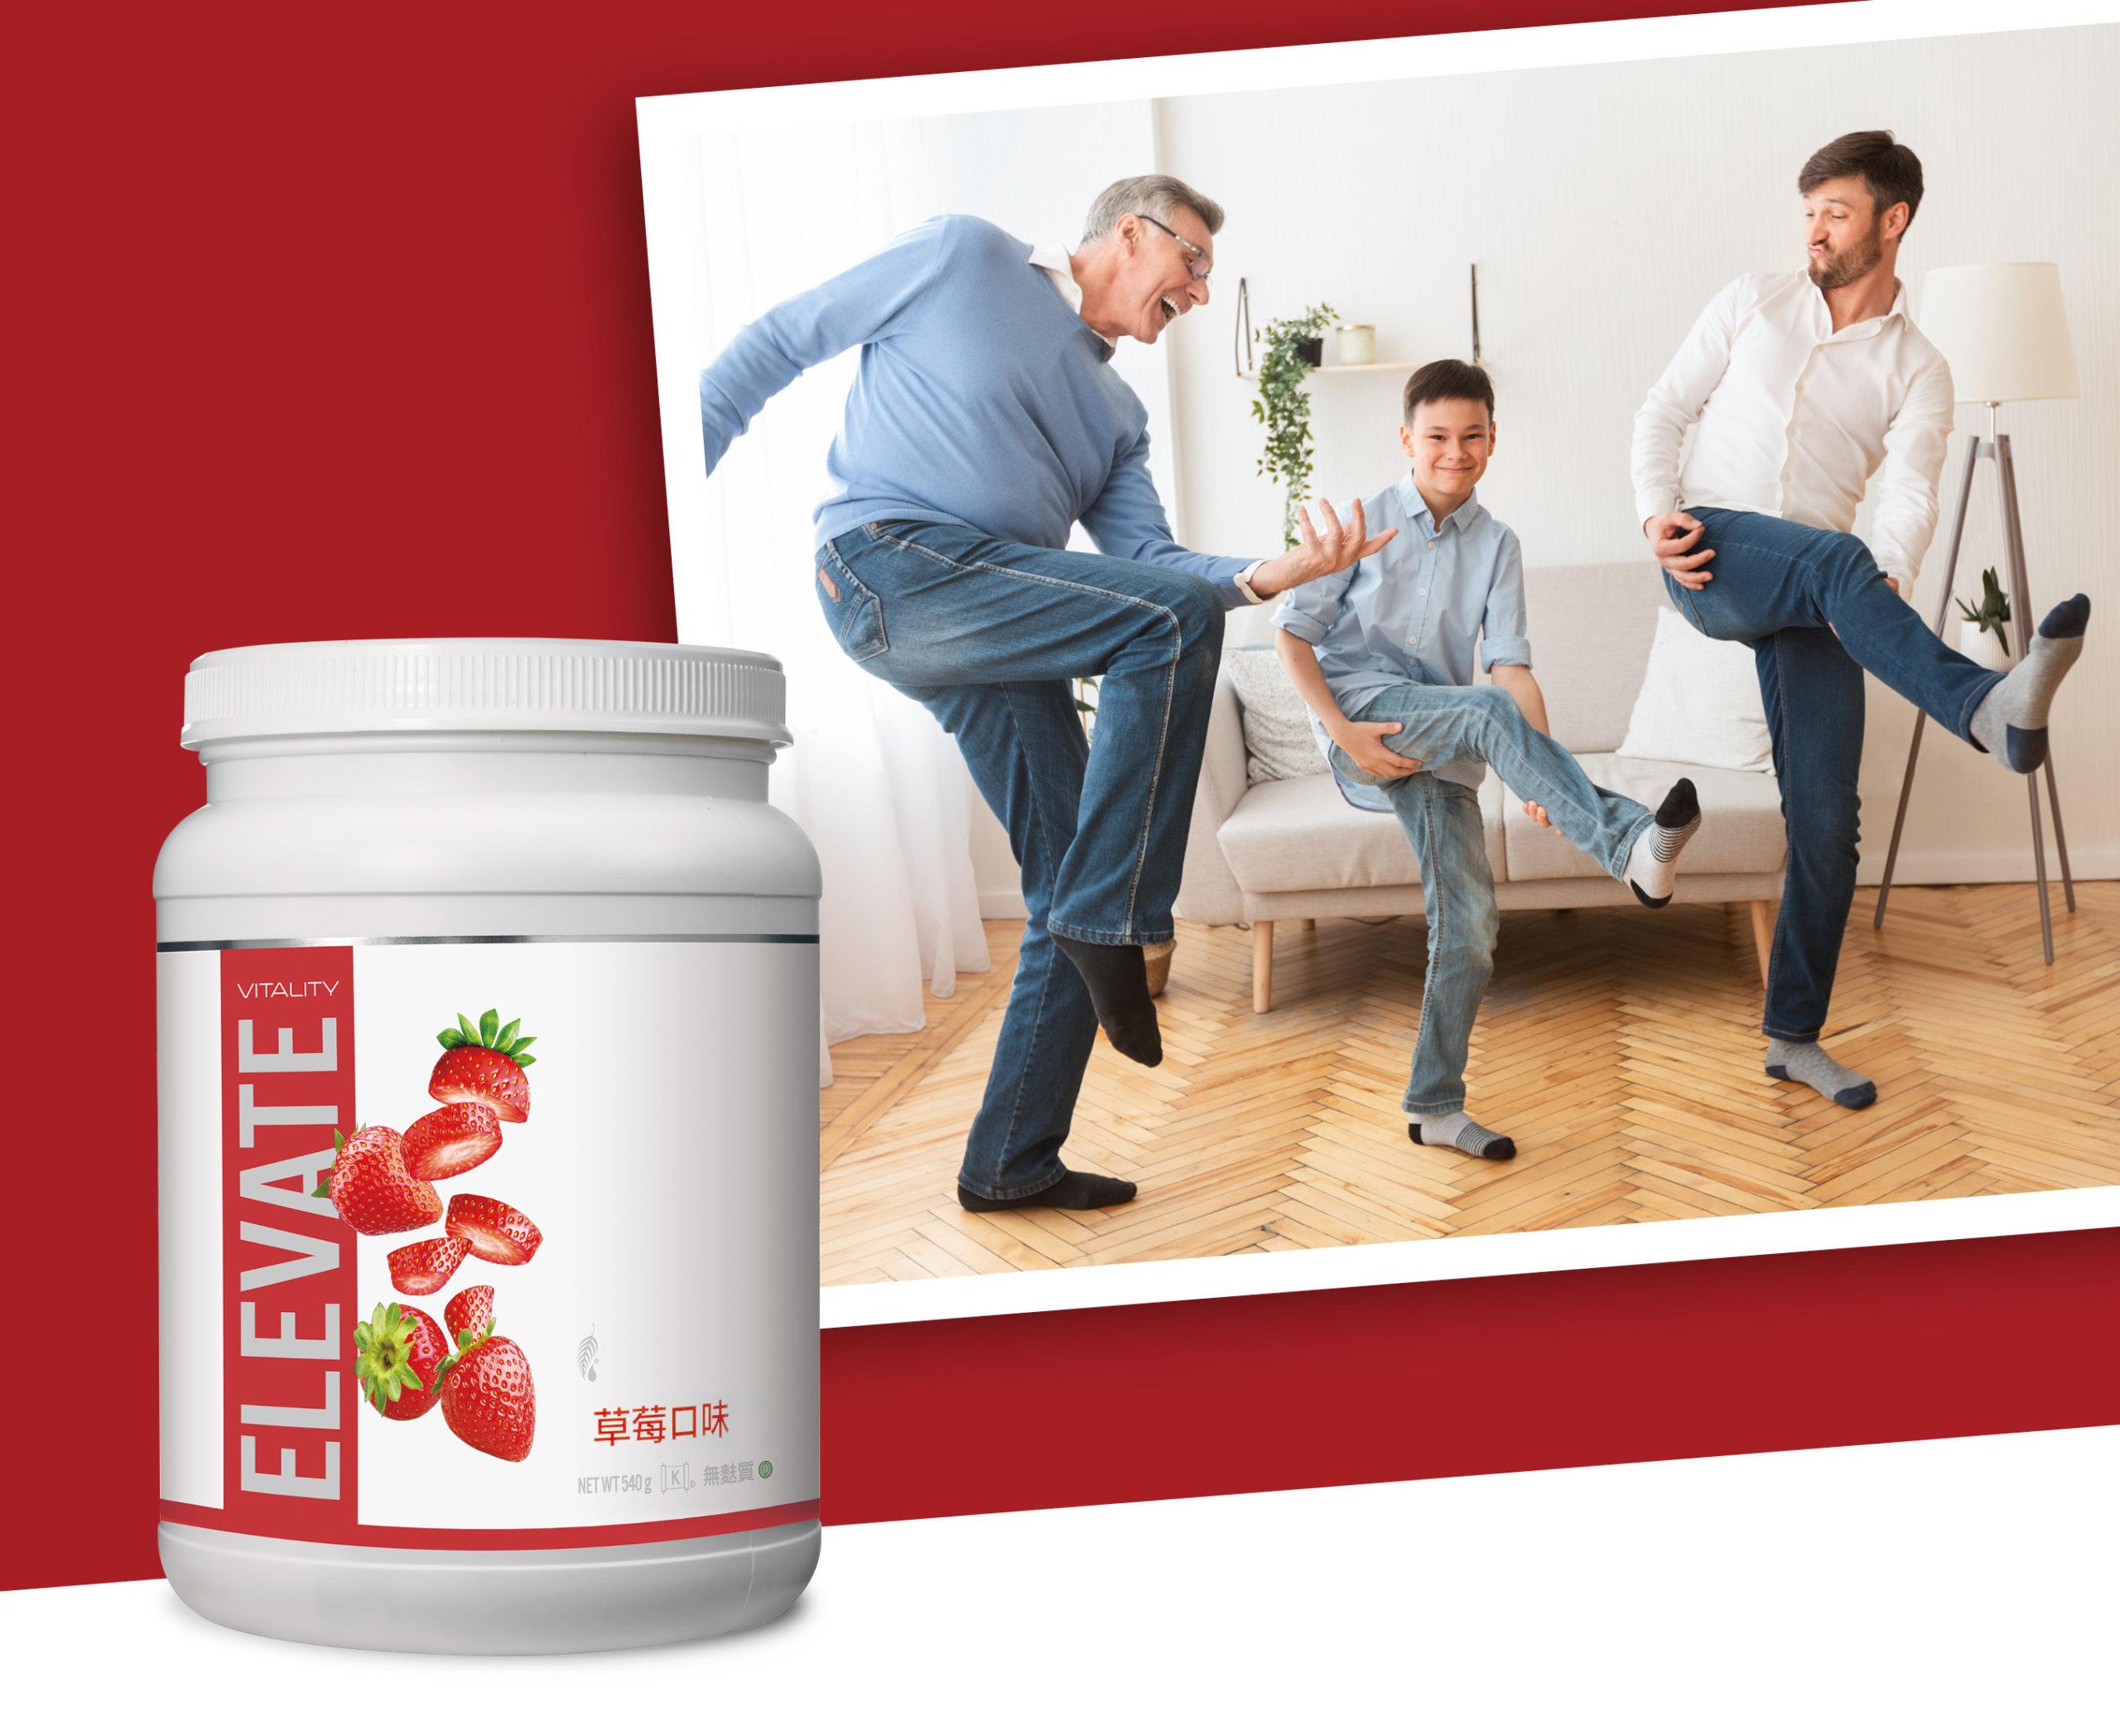 增加你的力量! 方法是運動+營養